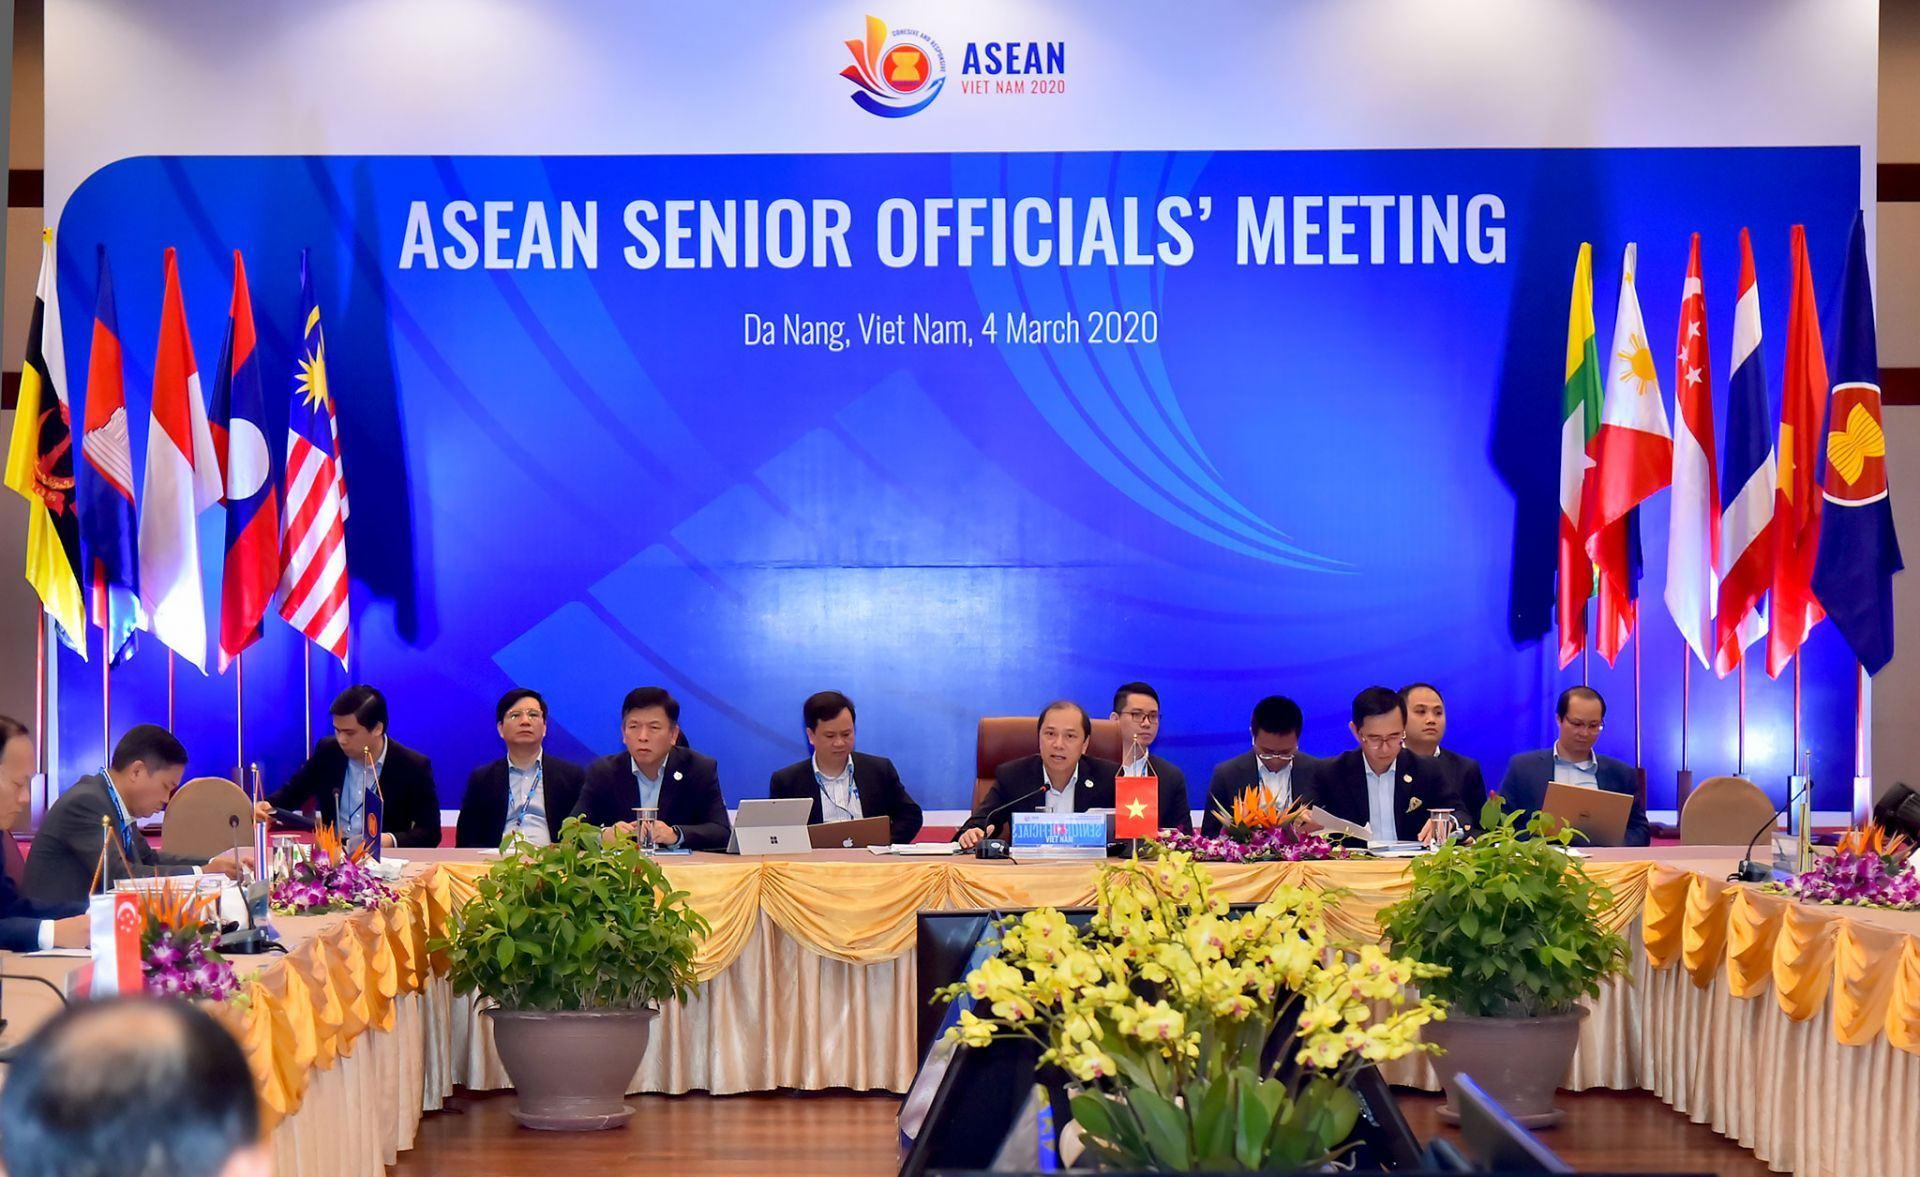 Hội nghị Cấp cao đặc biệt ASEAN sẽ được tổ chức theo hình thức trực tuyến